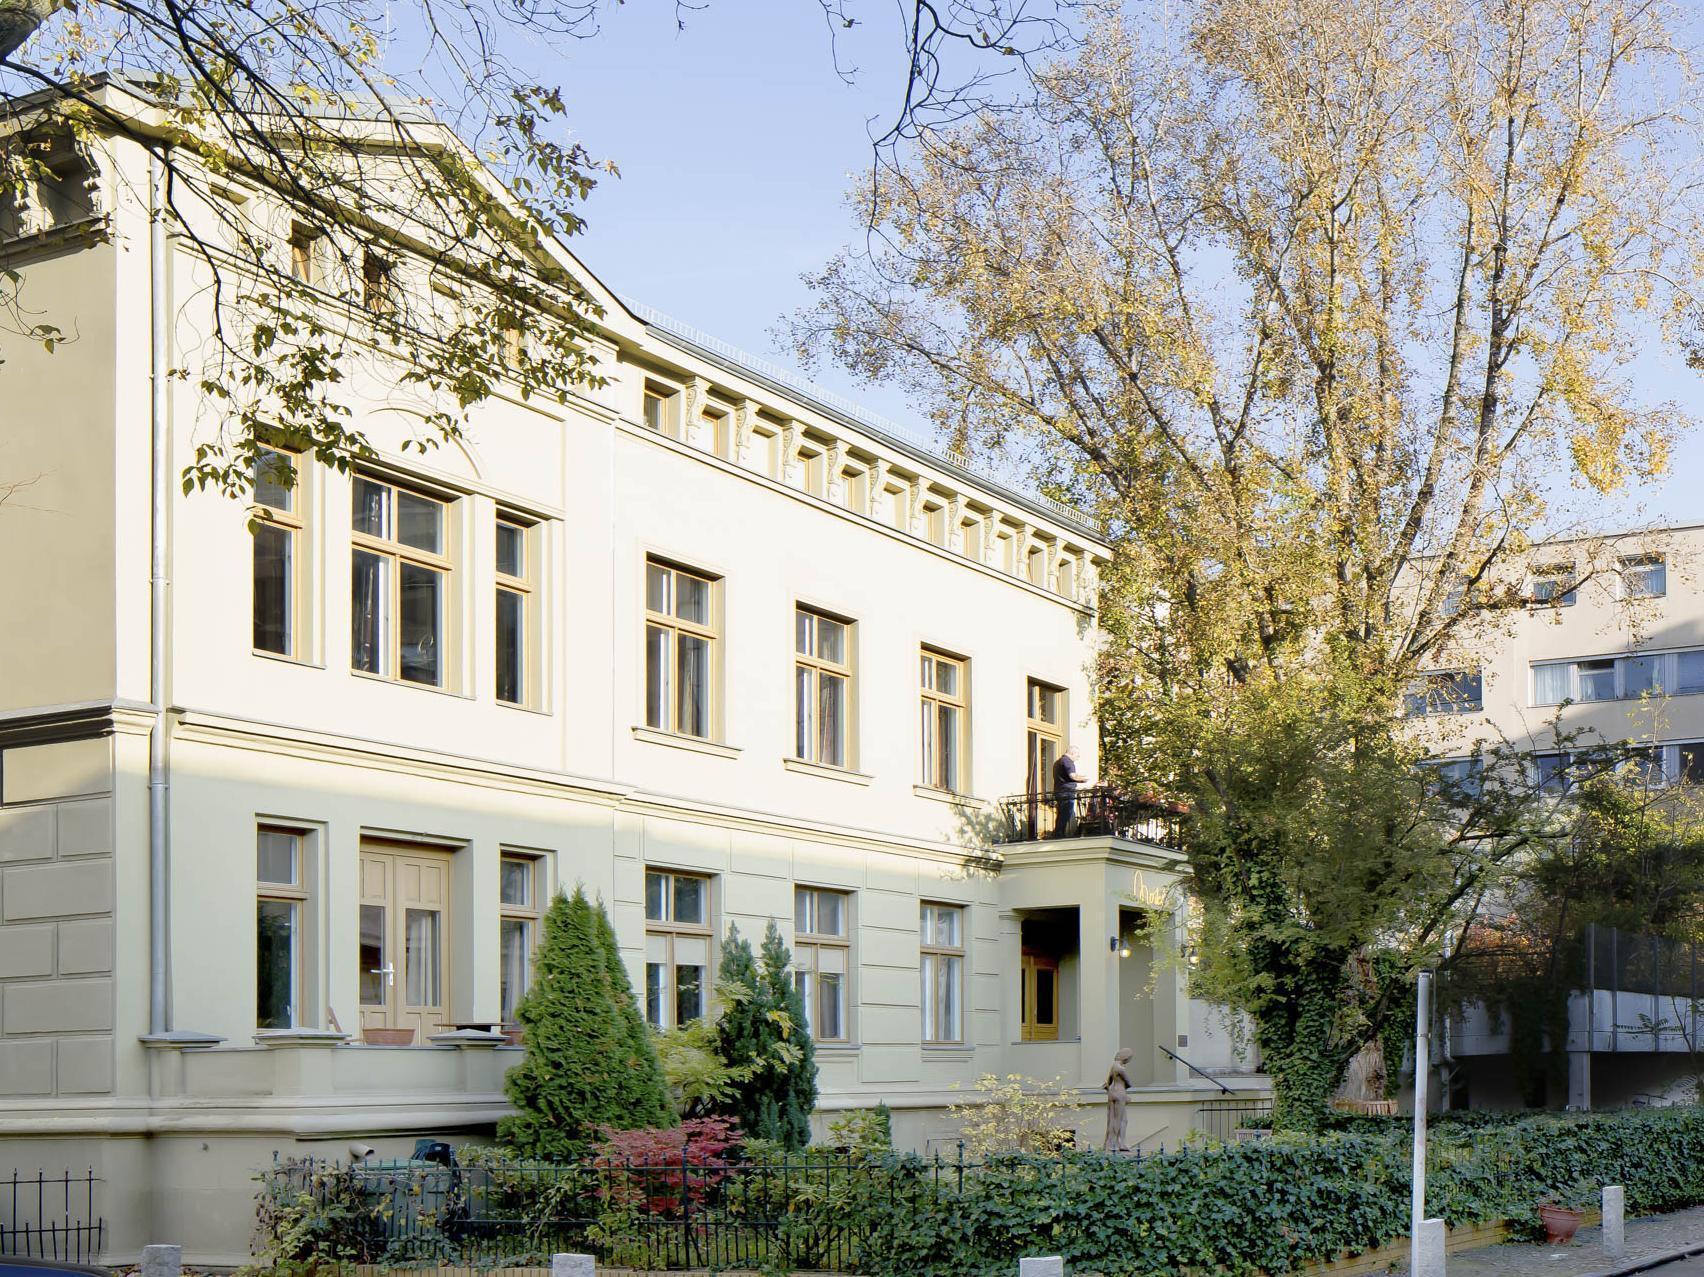 Hotel Begaswinkel Berlin